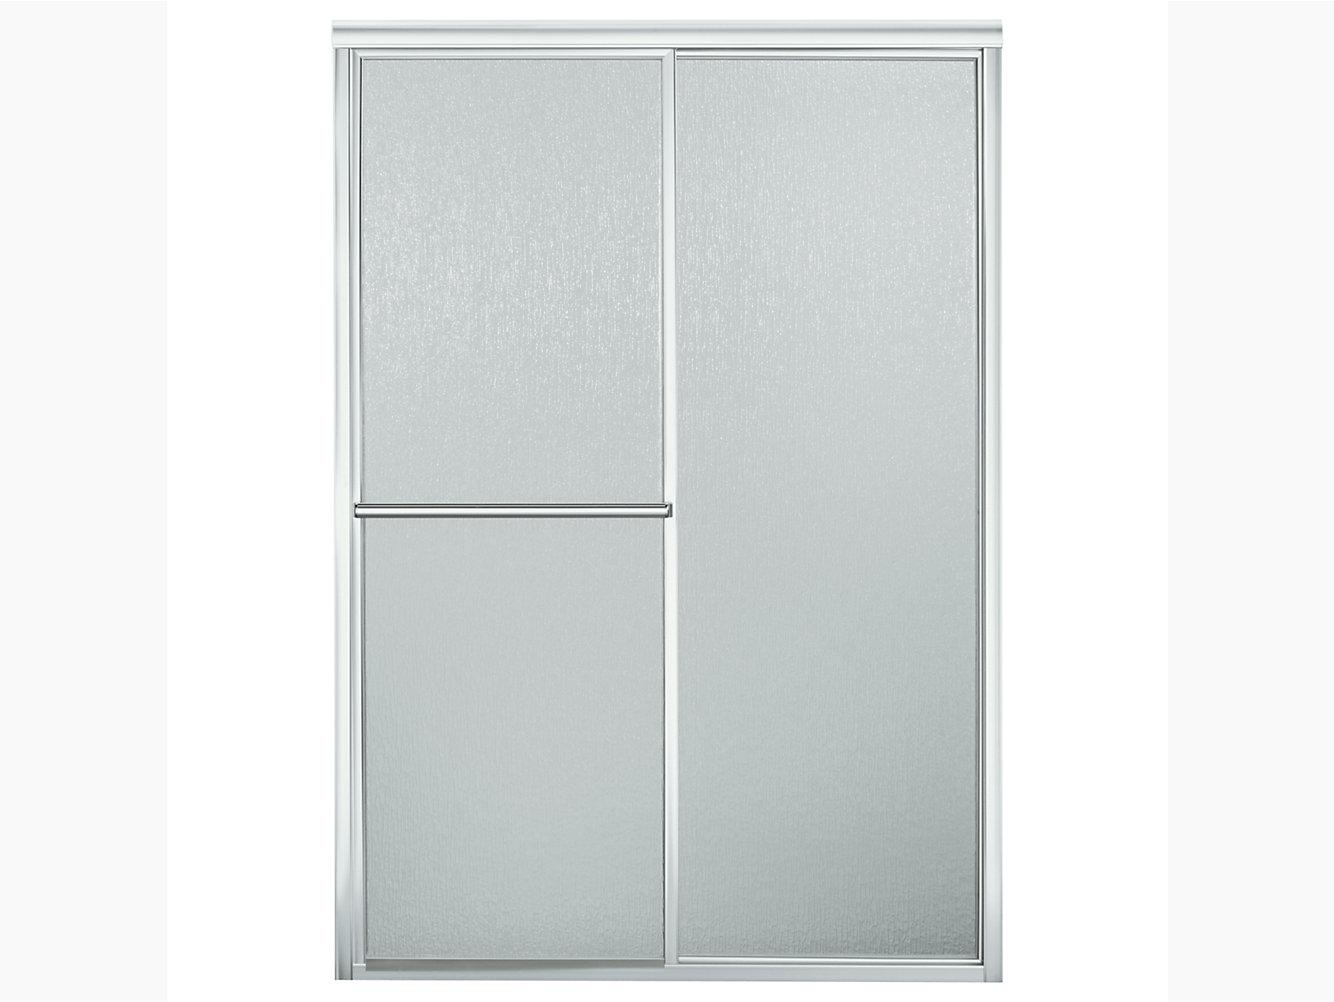 Deluxe Framed Sliding Shower Door 43-7/8\